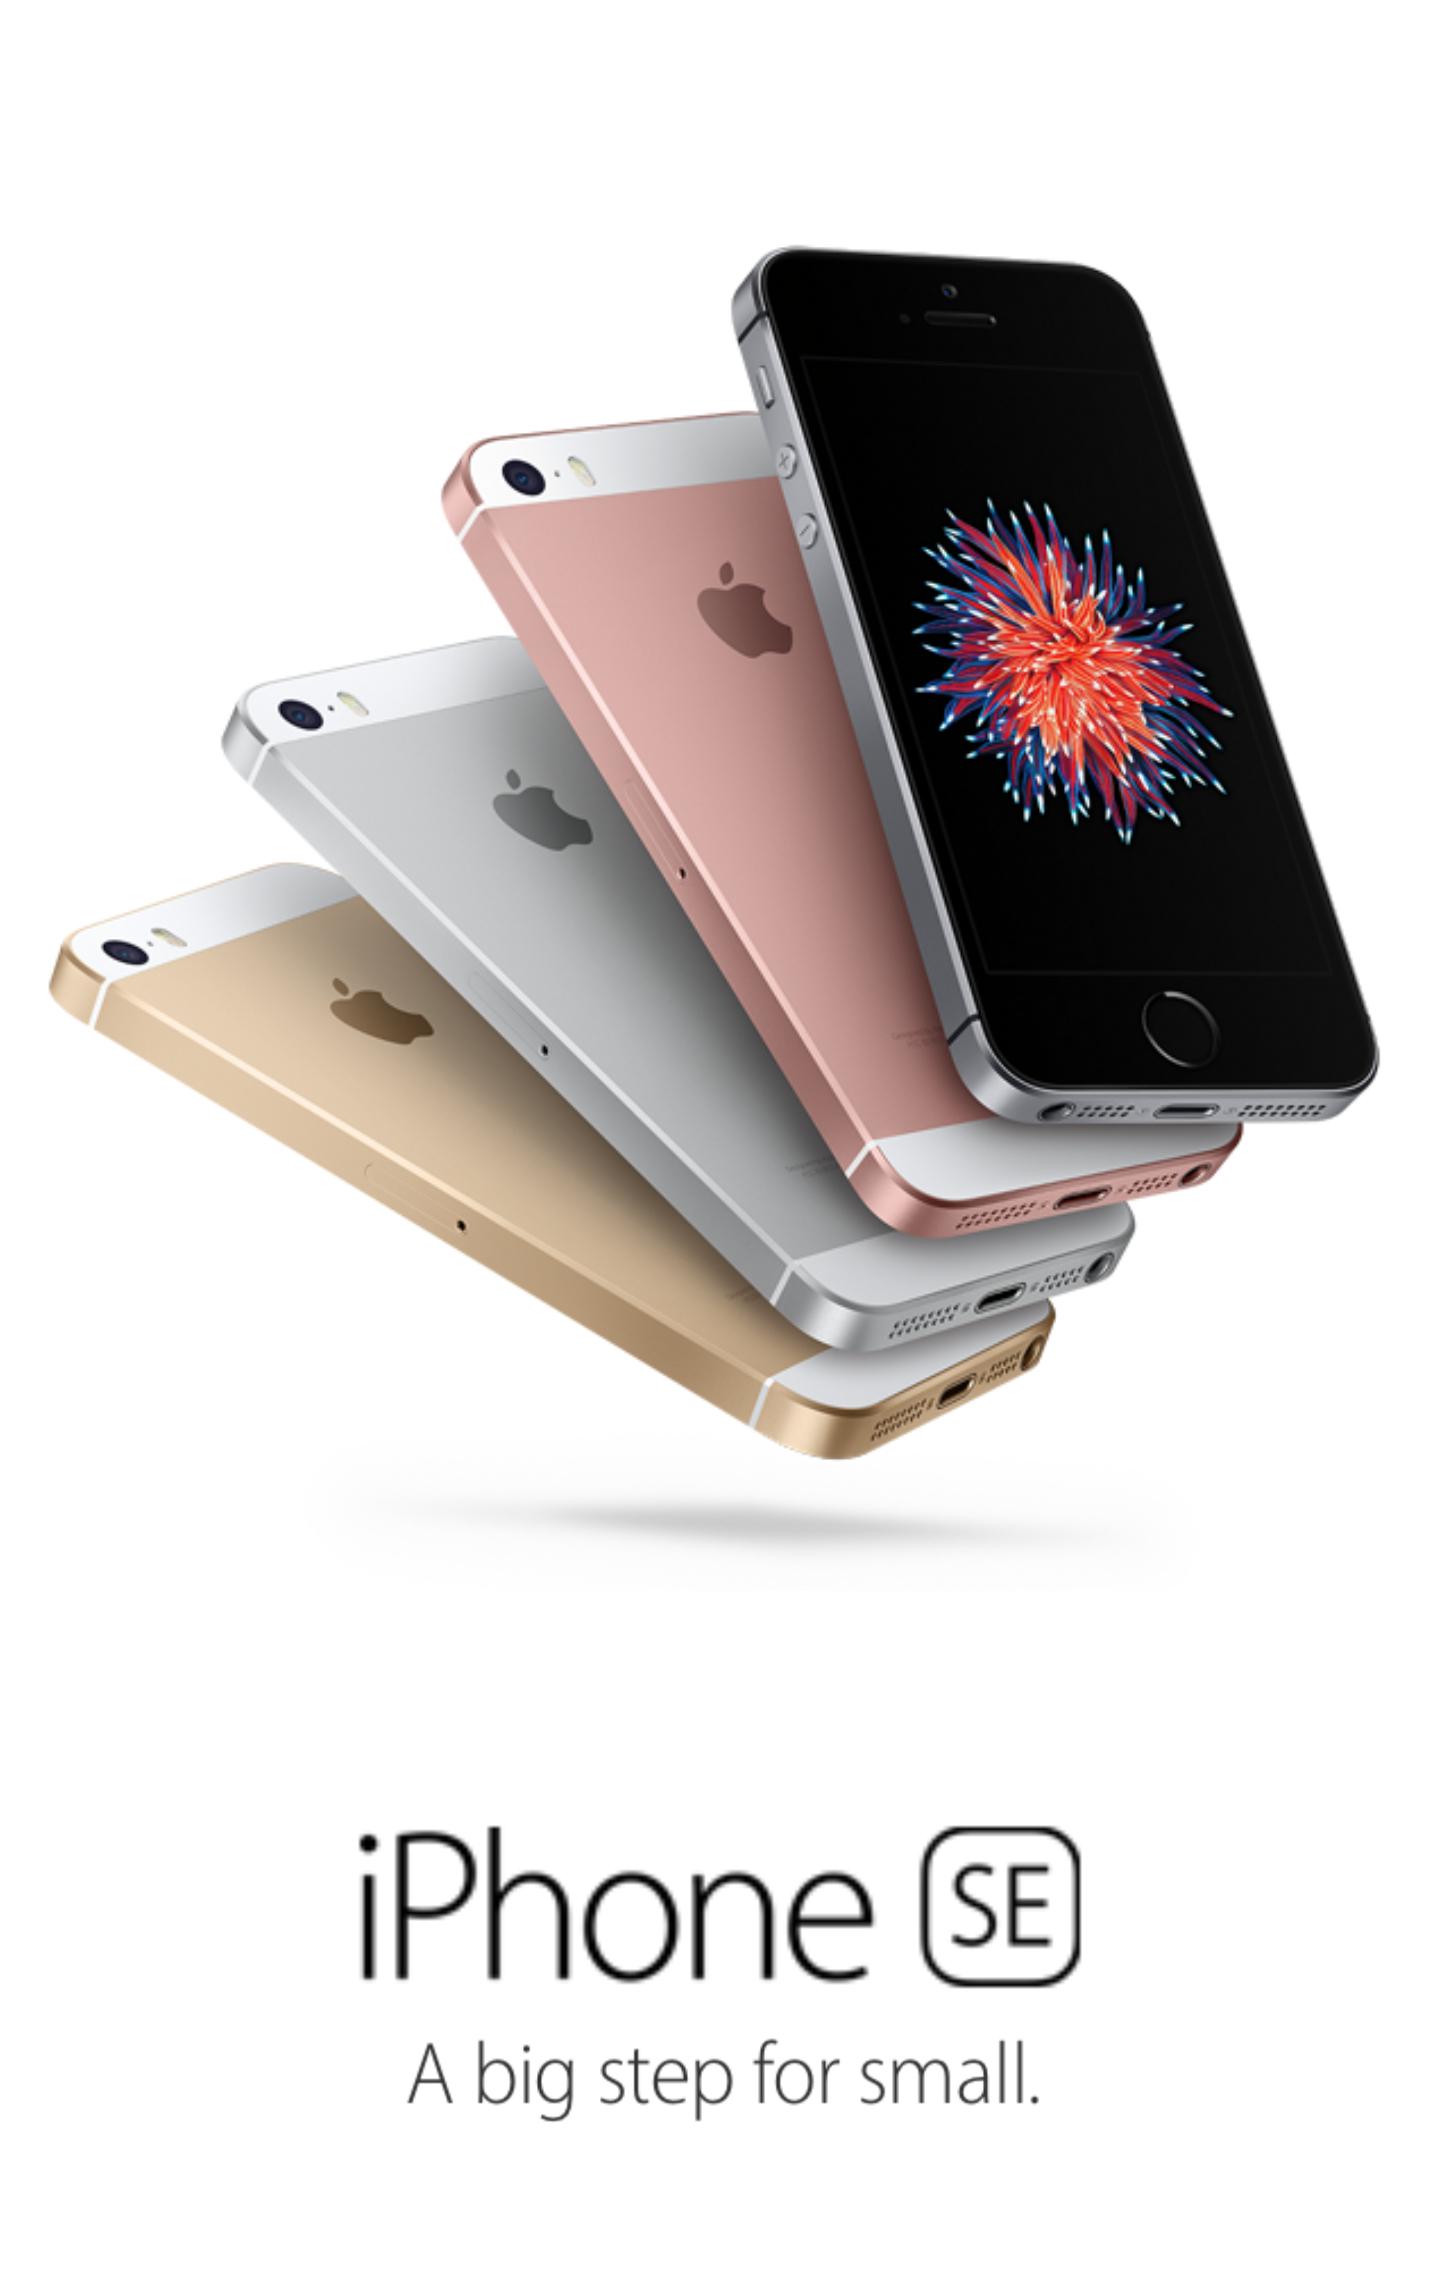 Iphone SE 16gb (£229) or 64gb (£279) giffgaff.com